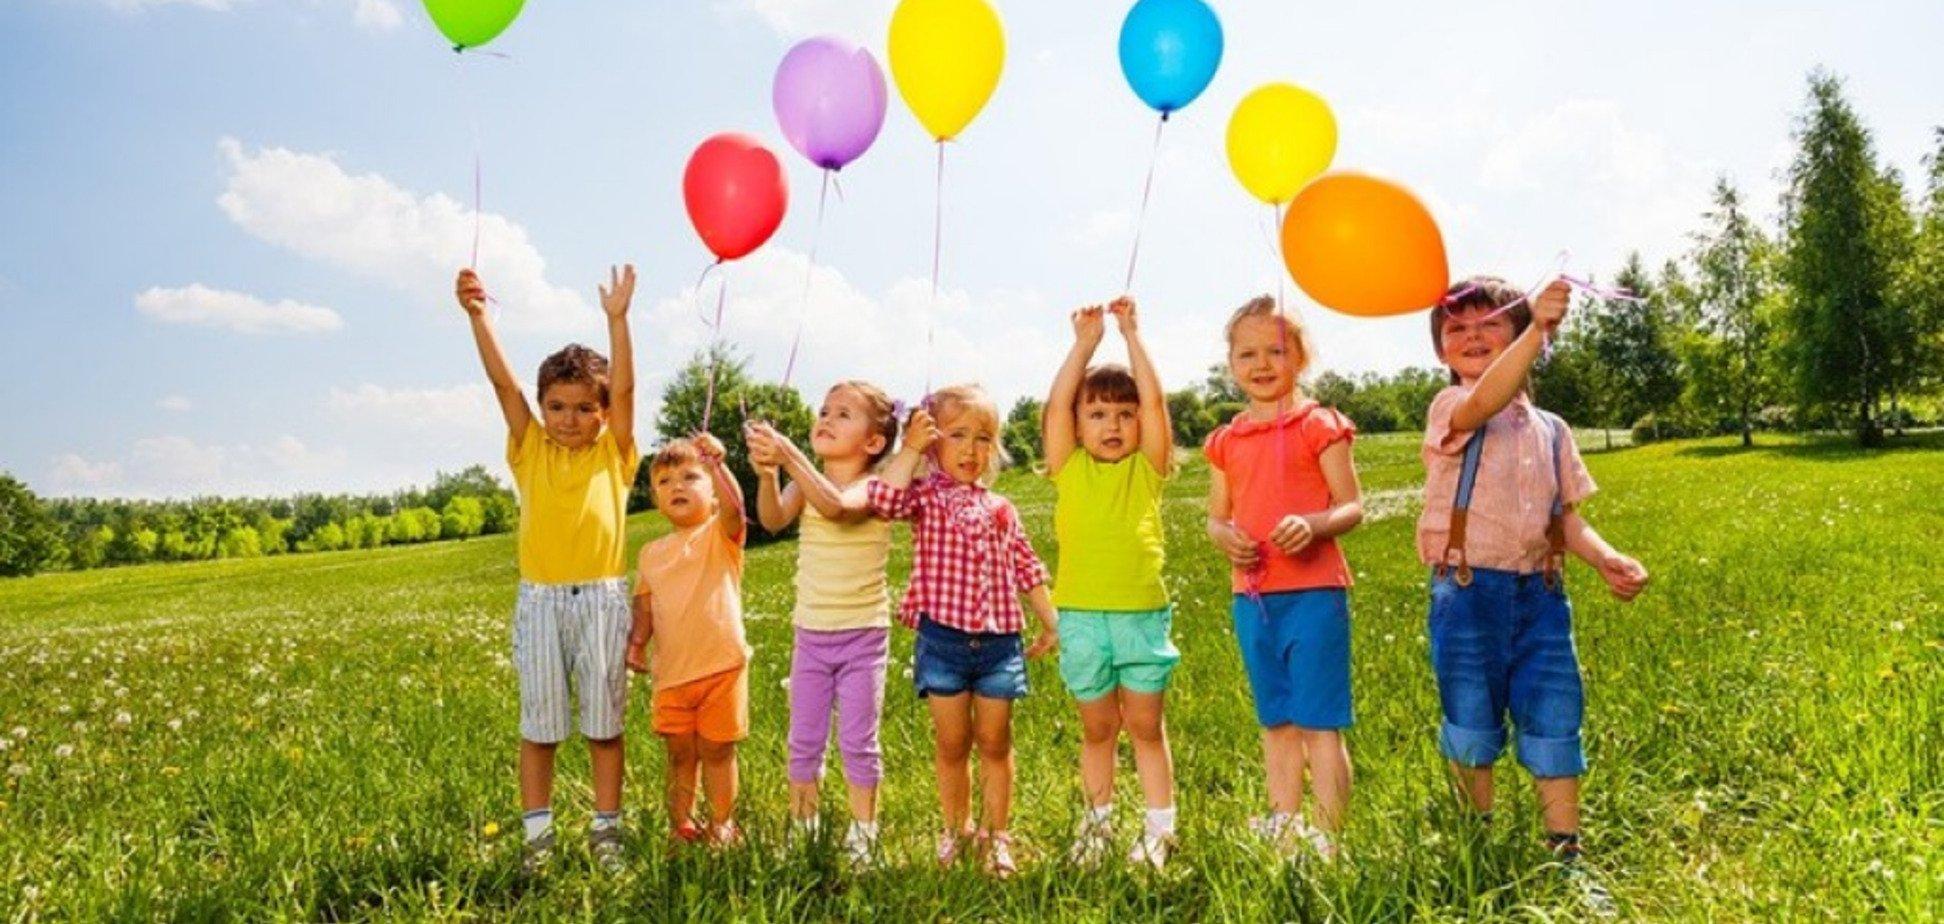 День защиты детей: берегите своих детей и чужих детей тоже